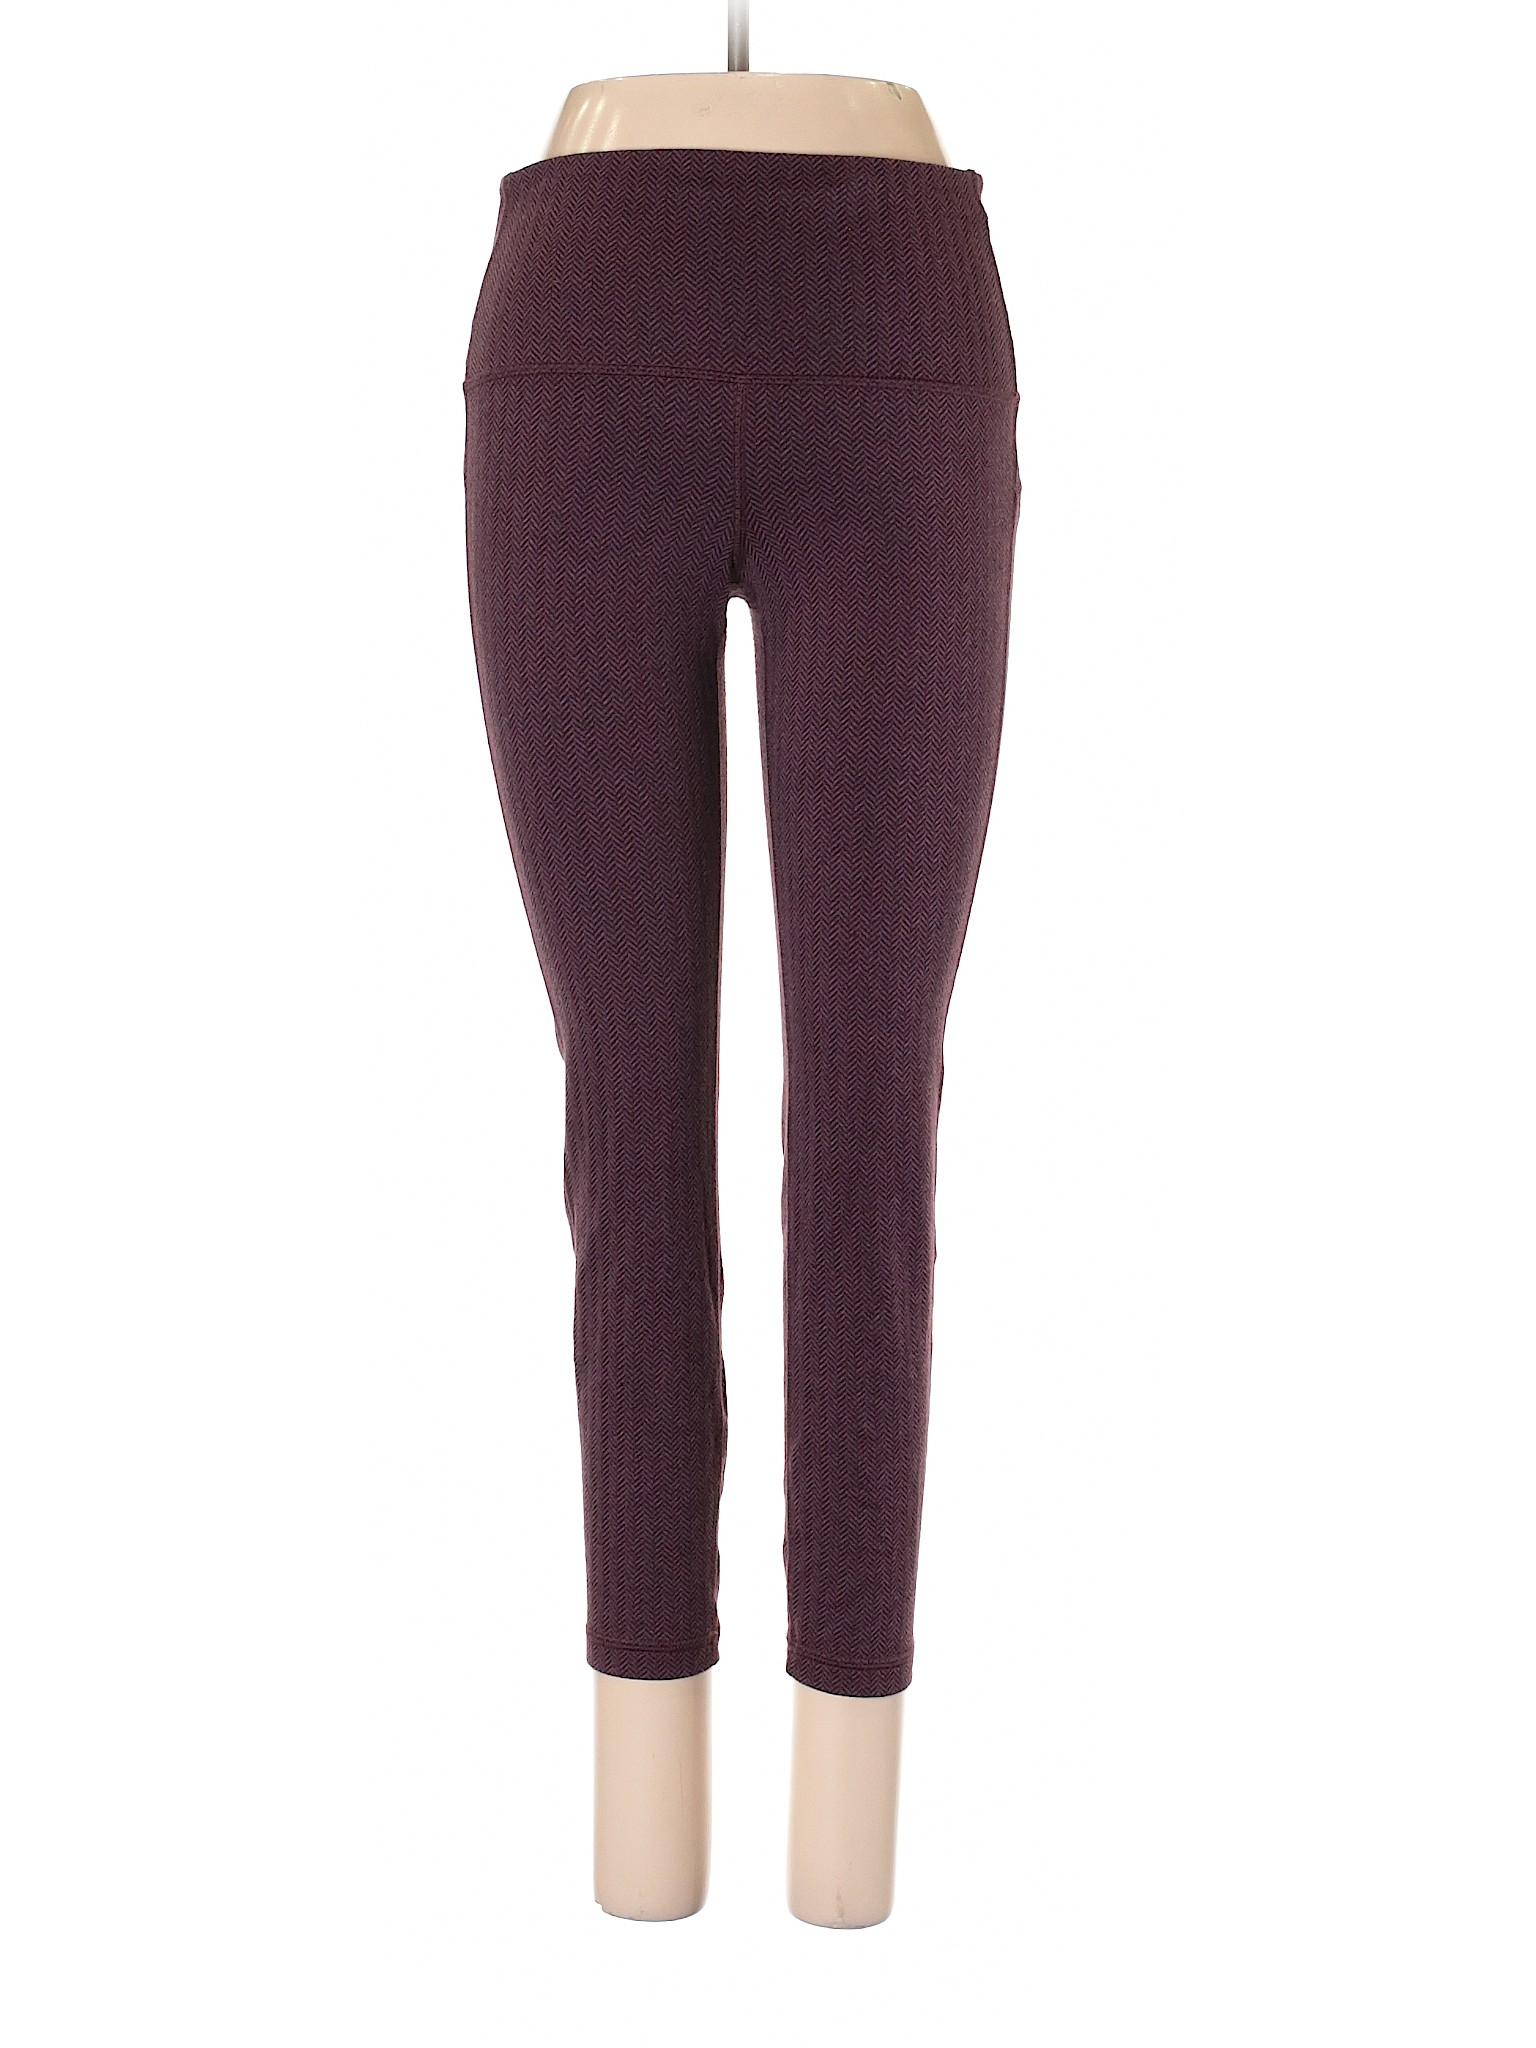 Boutique winter Pants Active Gap Fit U8vw0nqP8